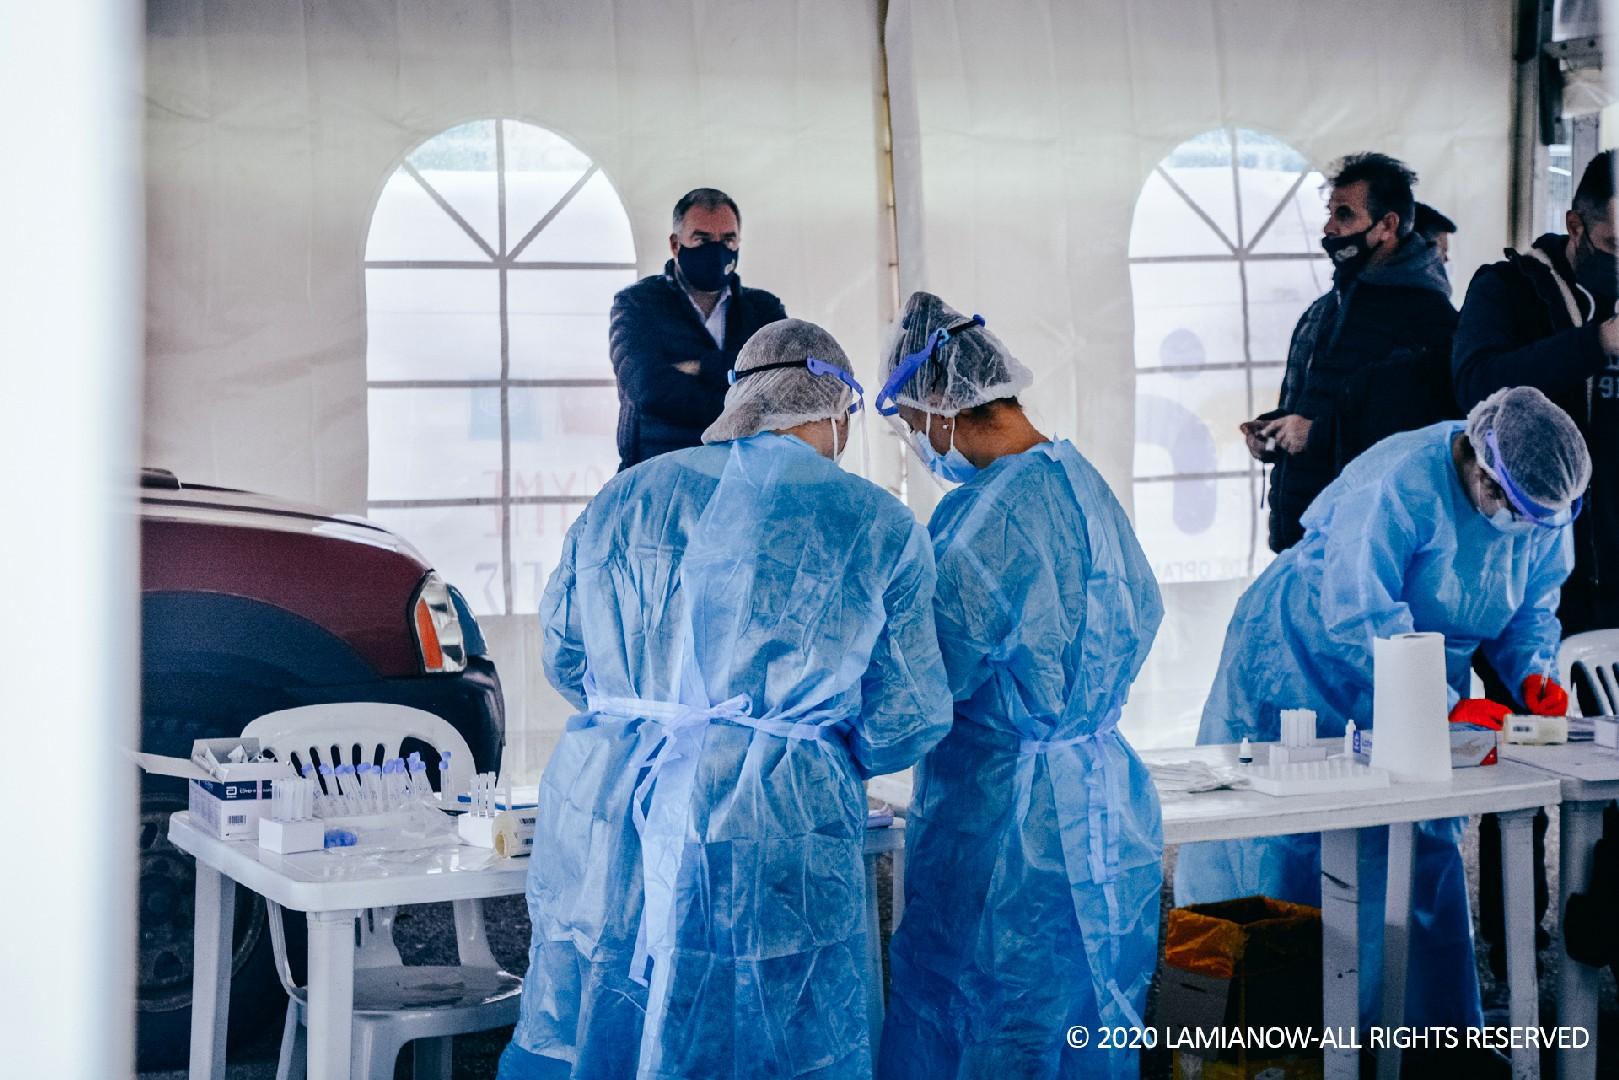 Λαμία: Νέα μαζικά δωρεαν Rapid Tests με drive through δειγματοληψίες